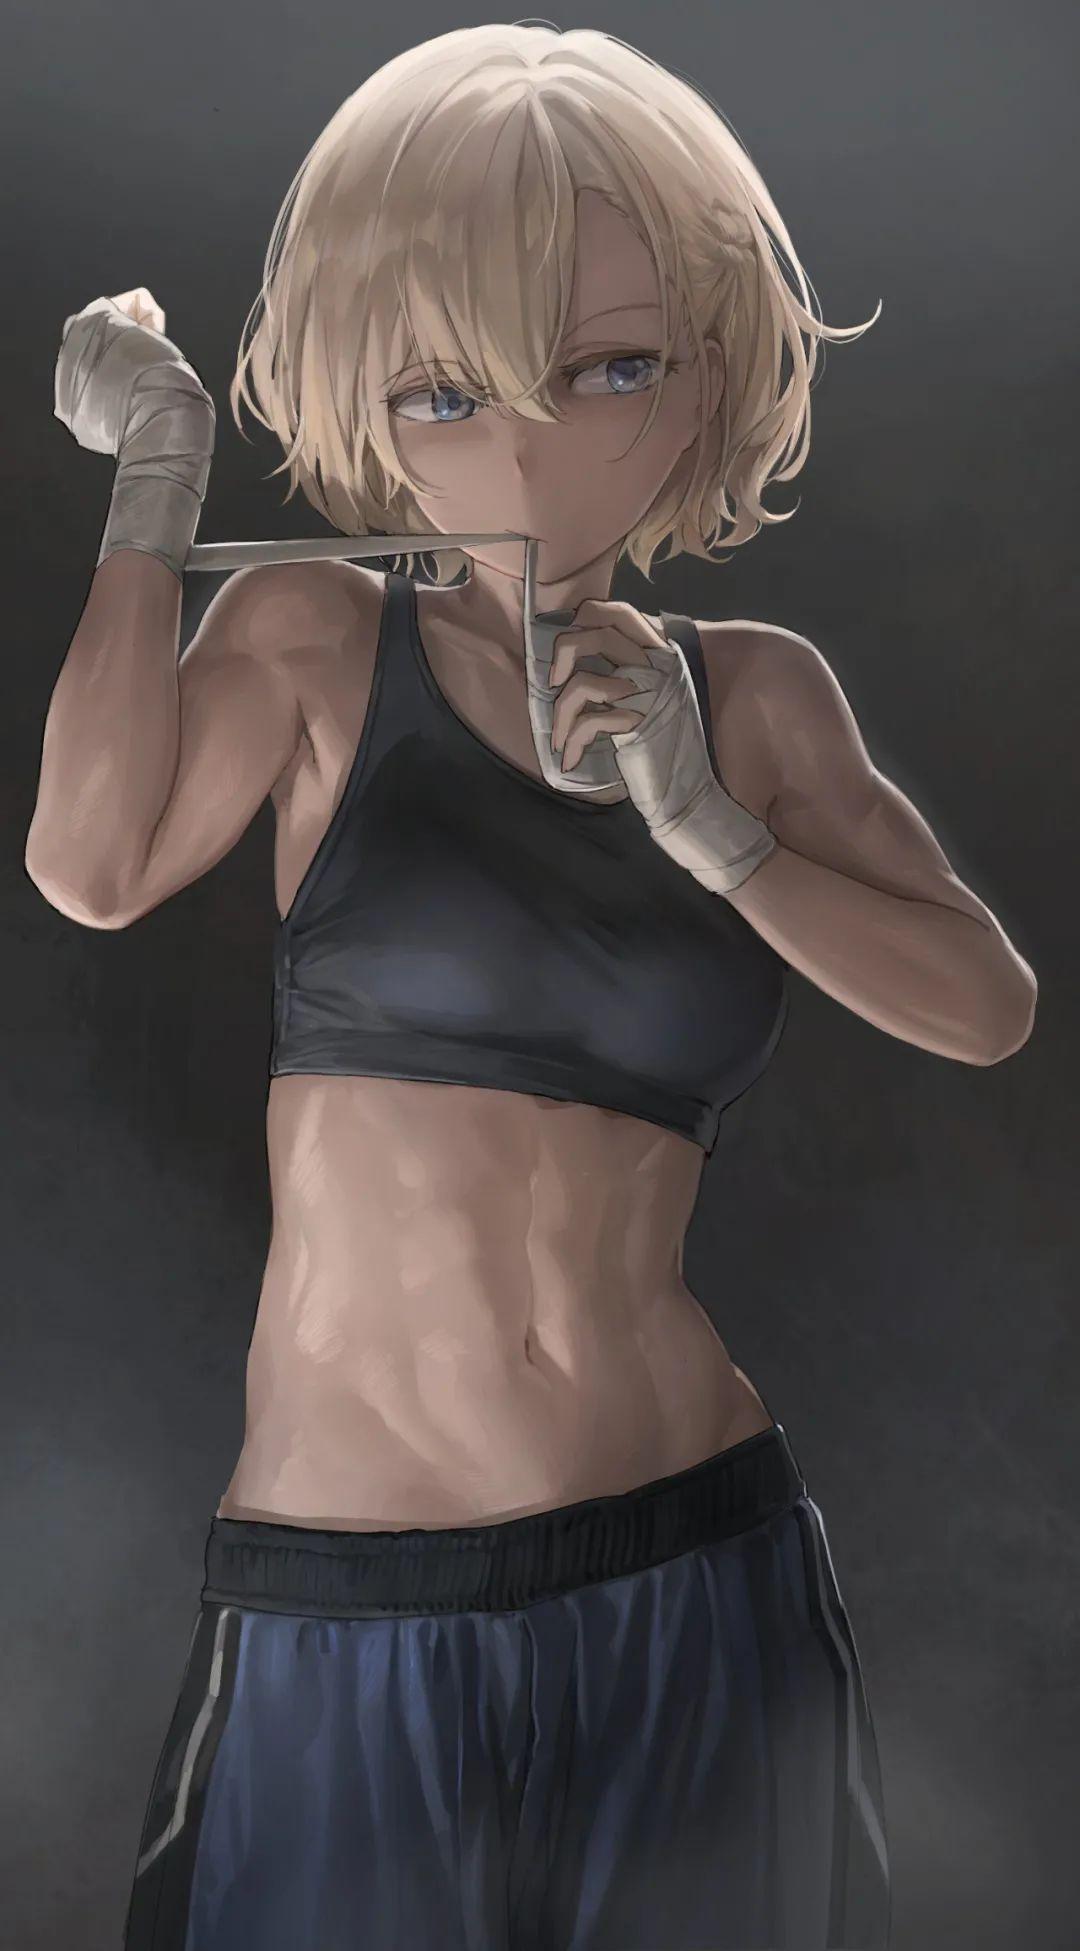 日推画师Free Style插画作品,肌肉线条感十足的妹子们_图片 No.3